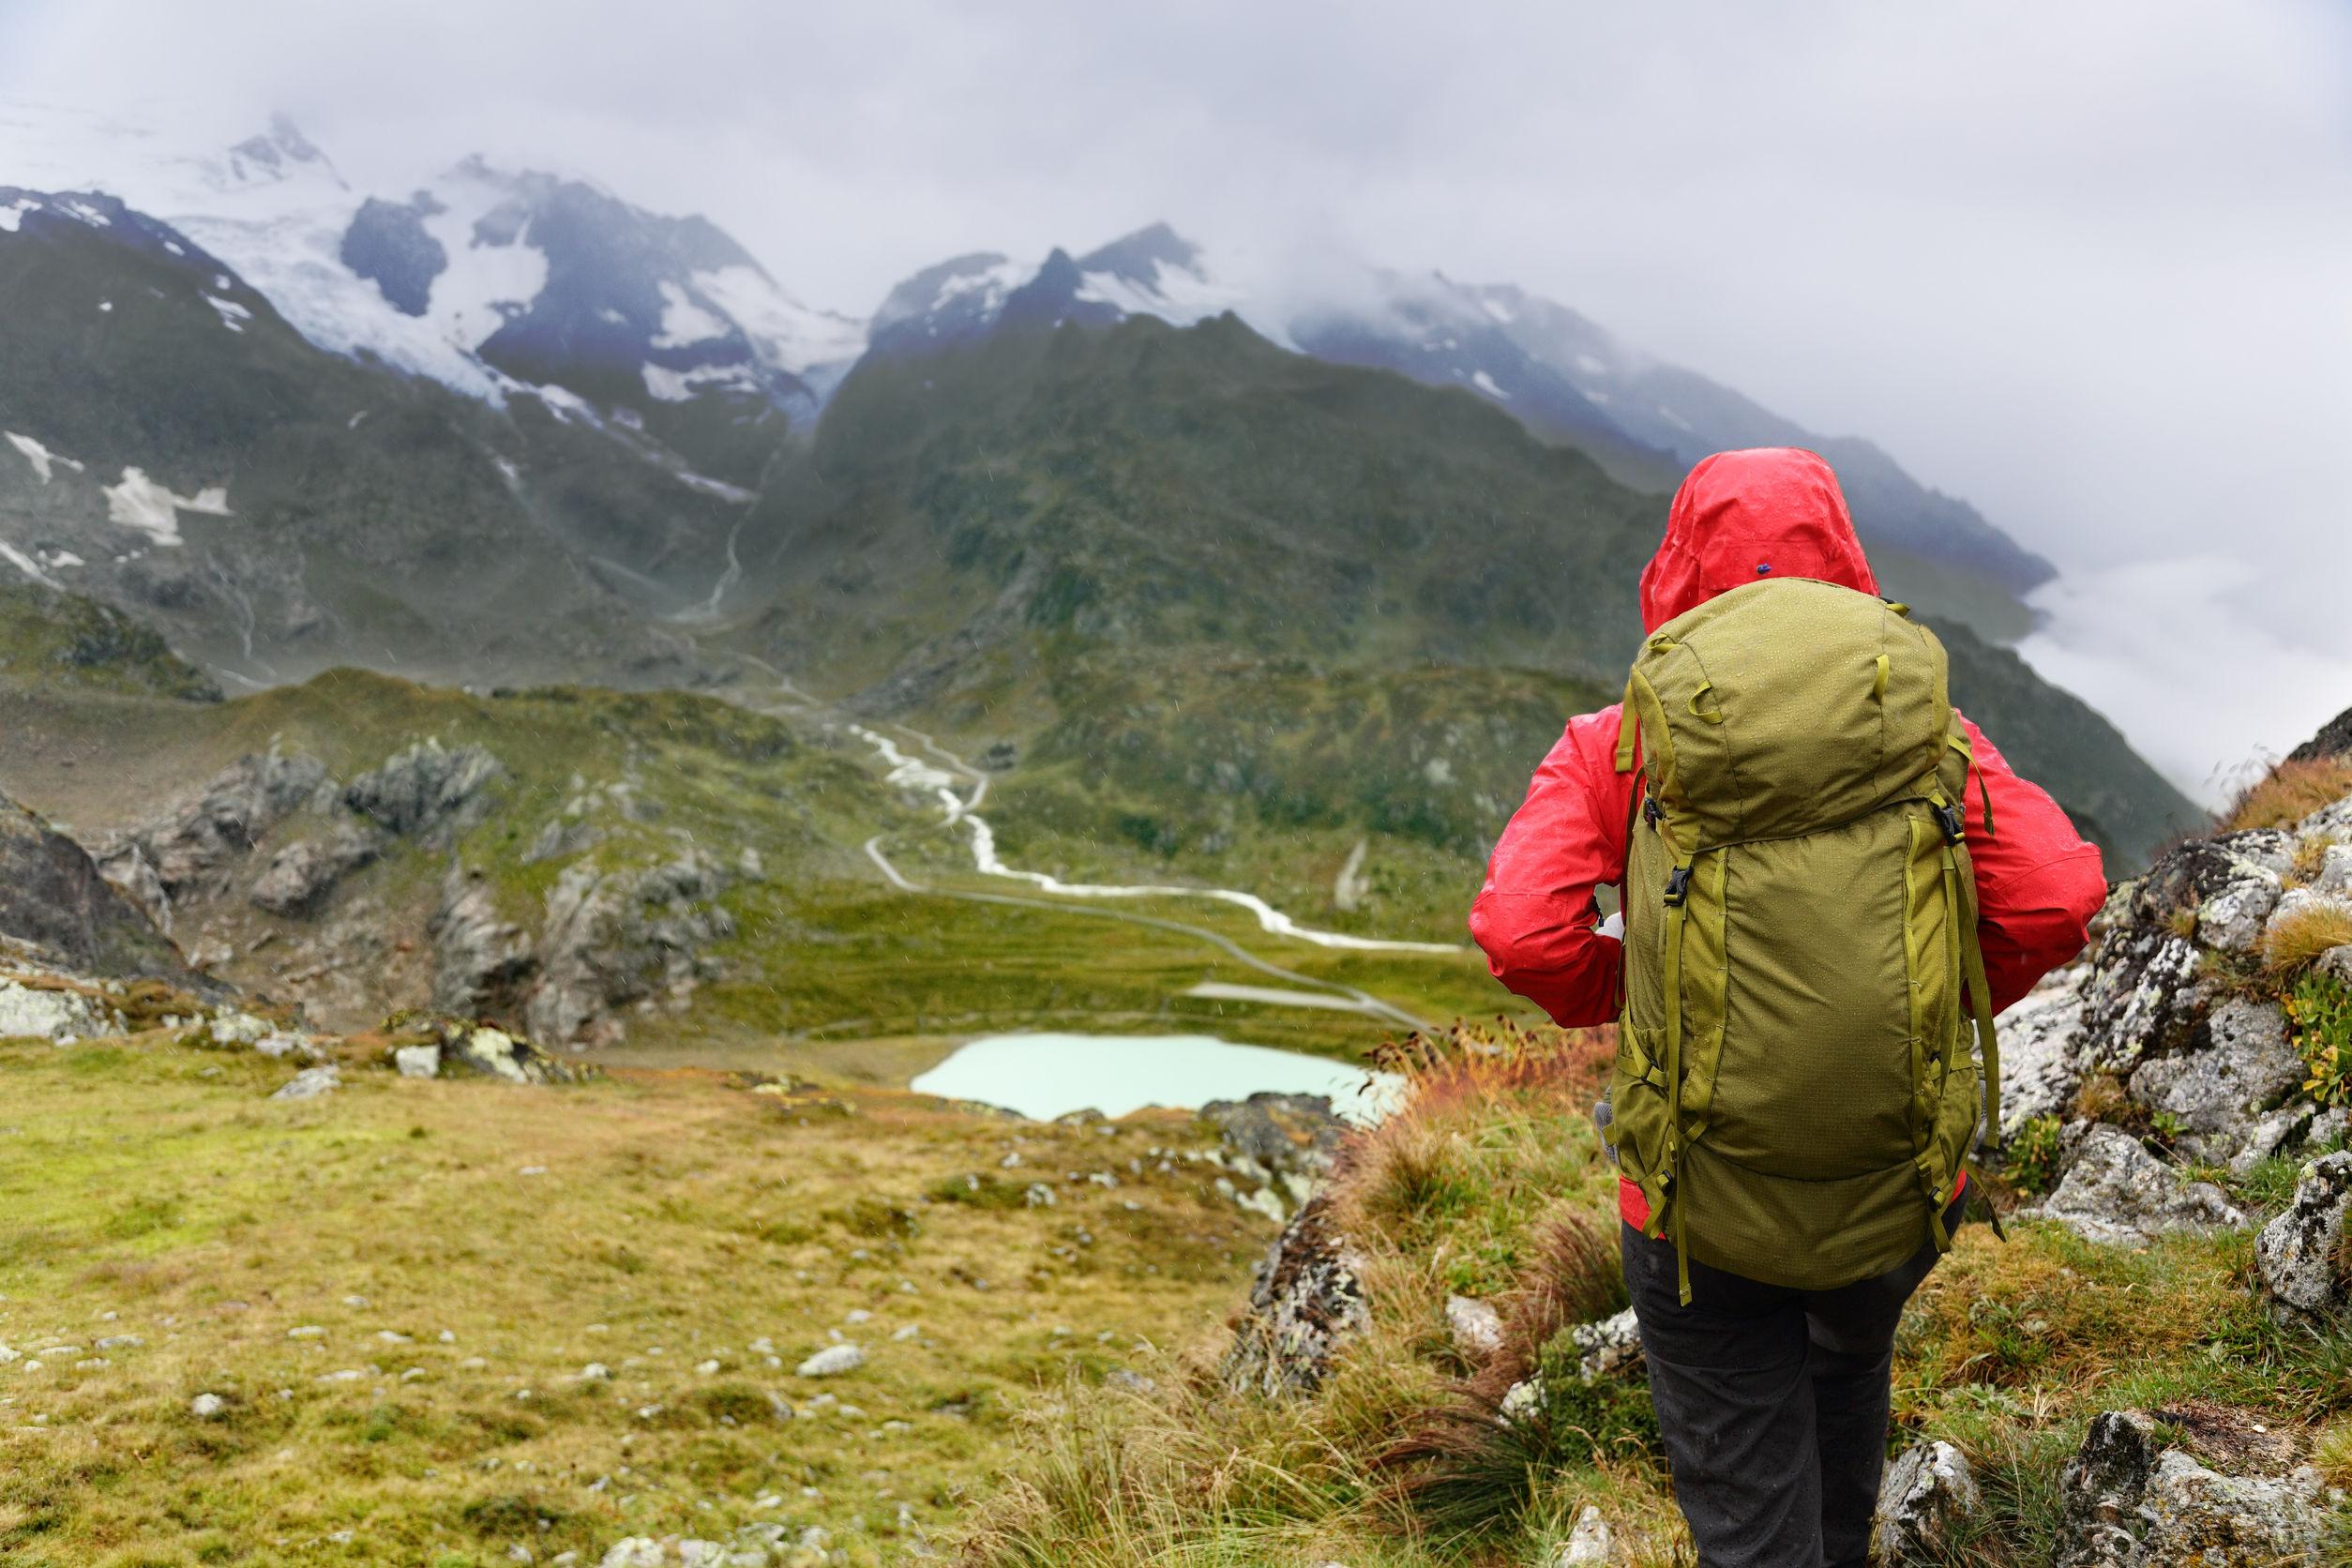 mujer caminante en caminata con mochila vivir el estilo de vida saludable y activo